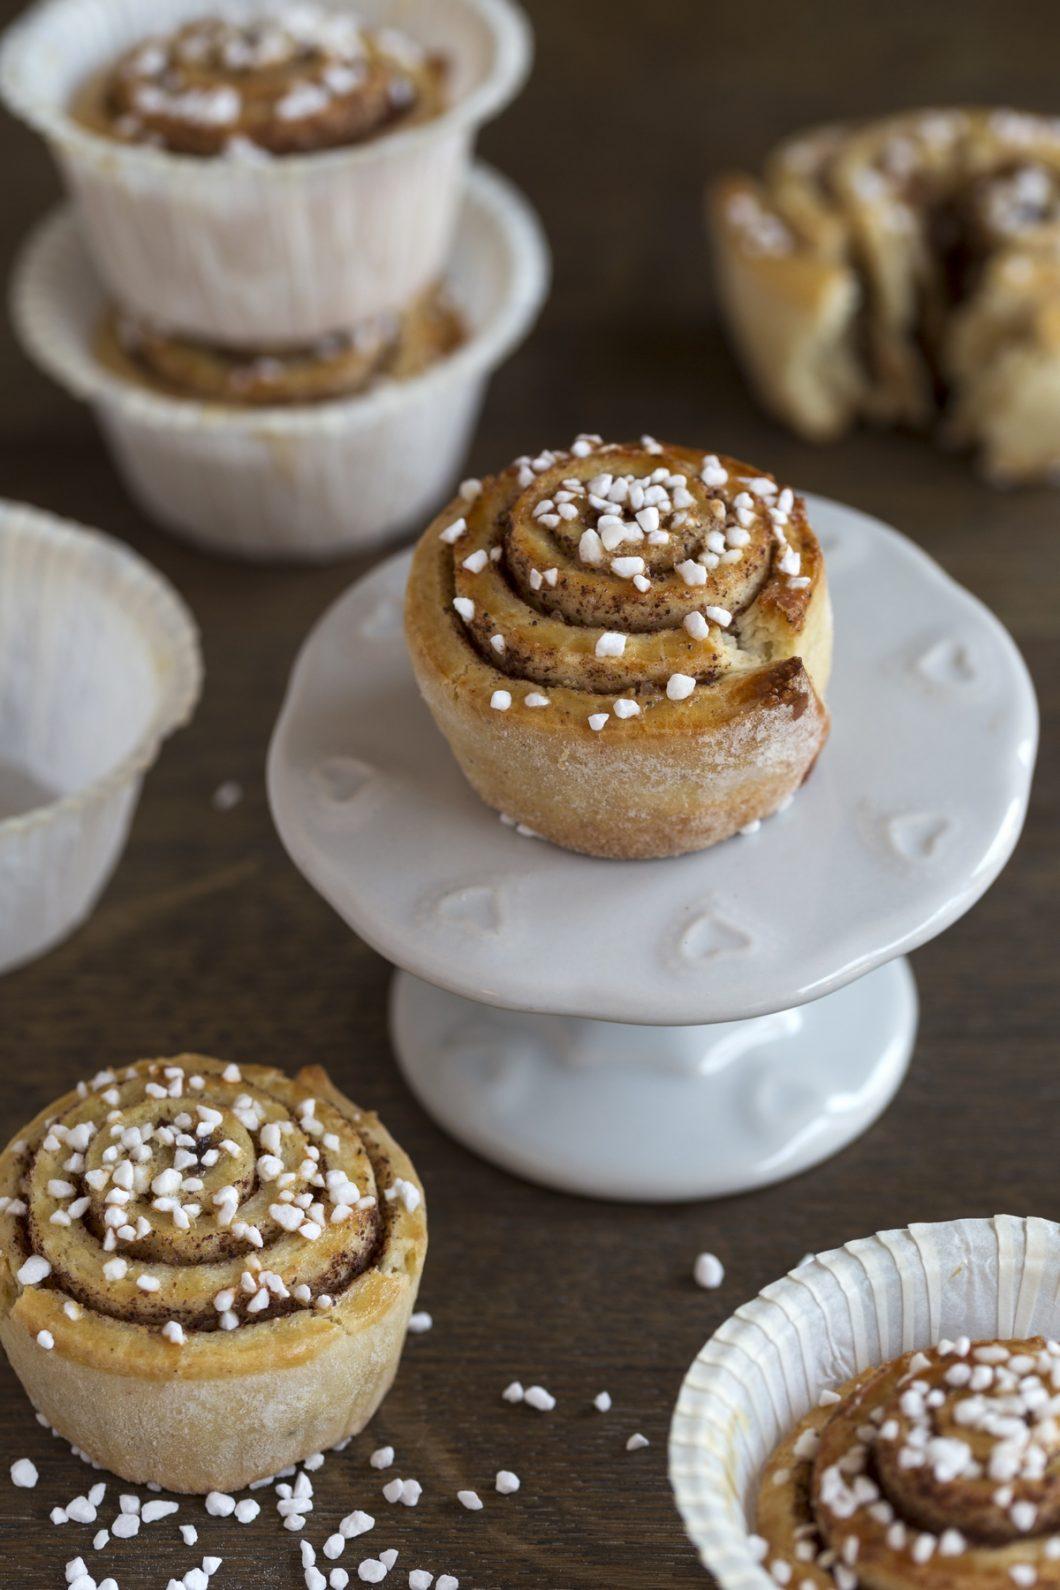 Mini cinnamon bun on a cupcake stand.